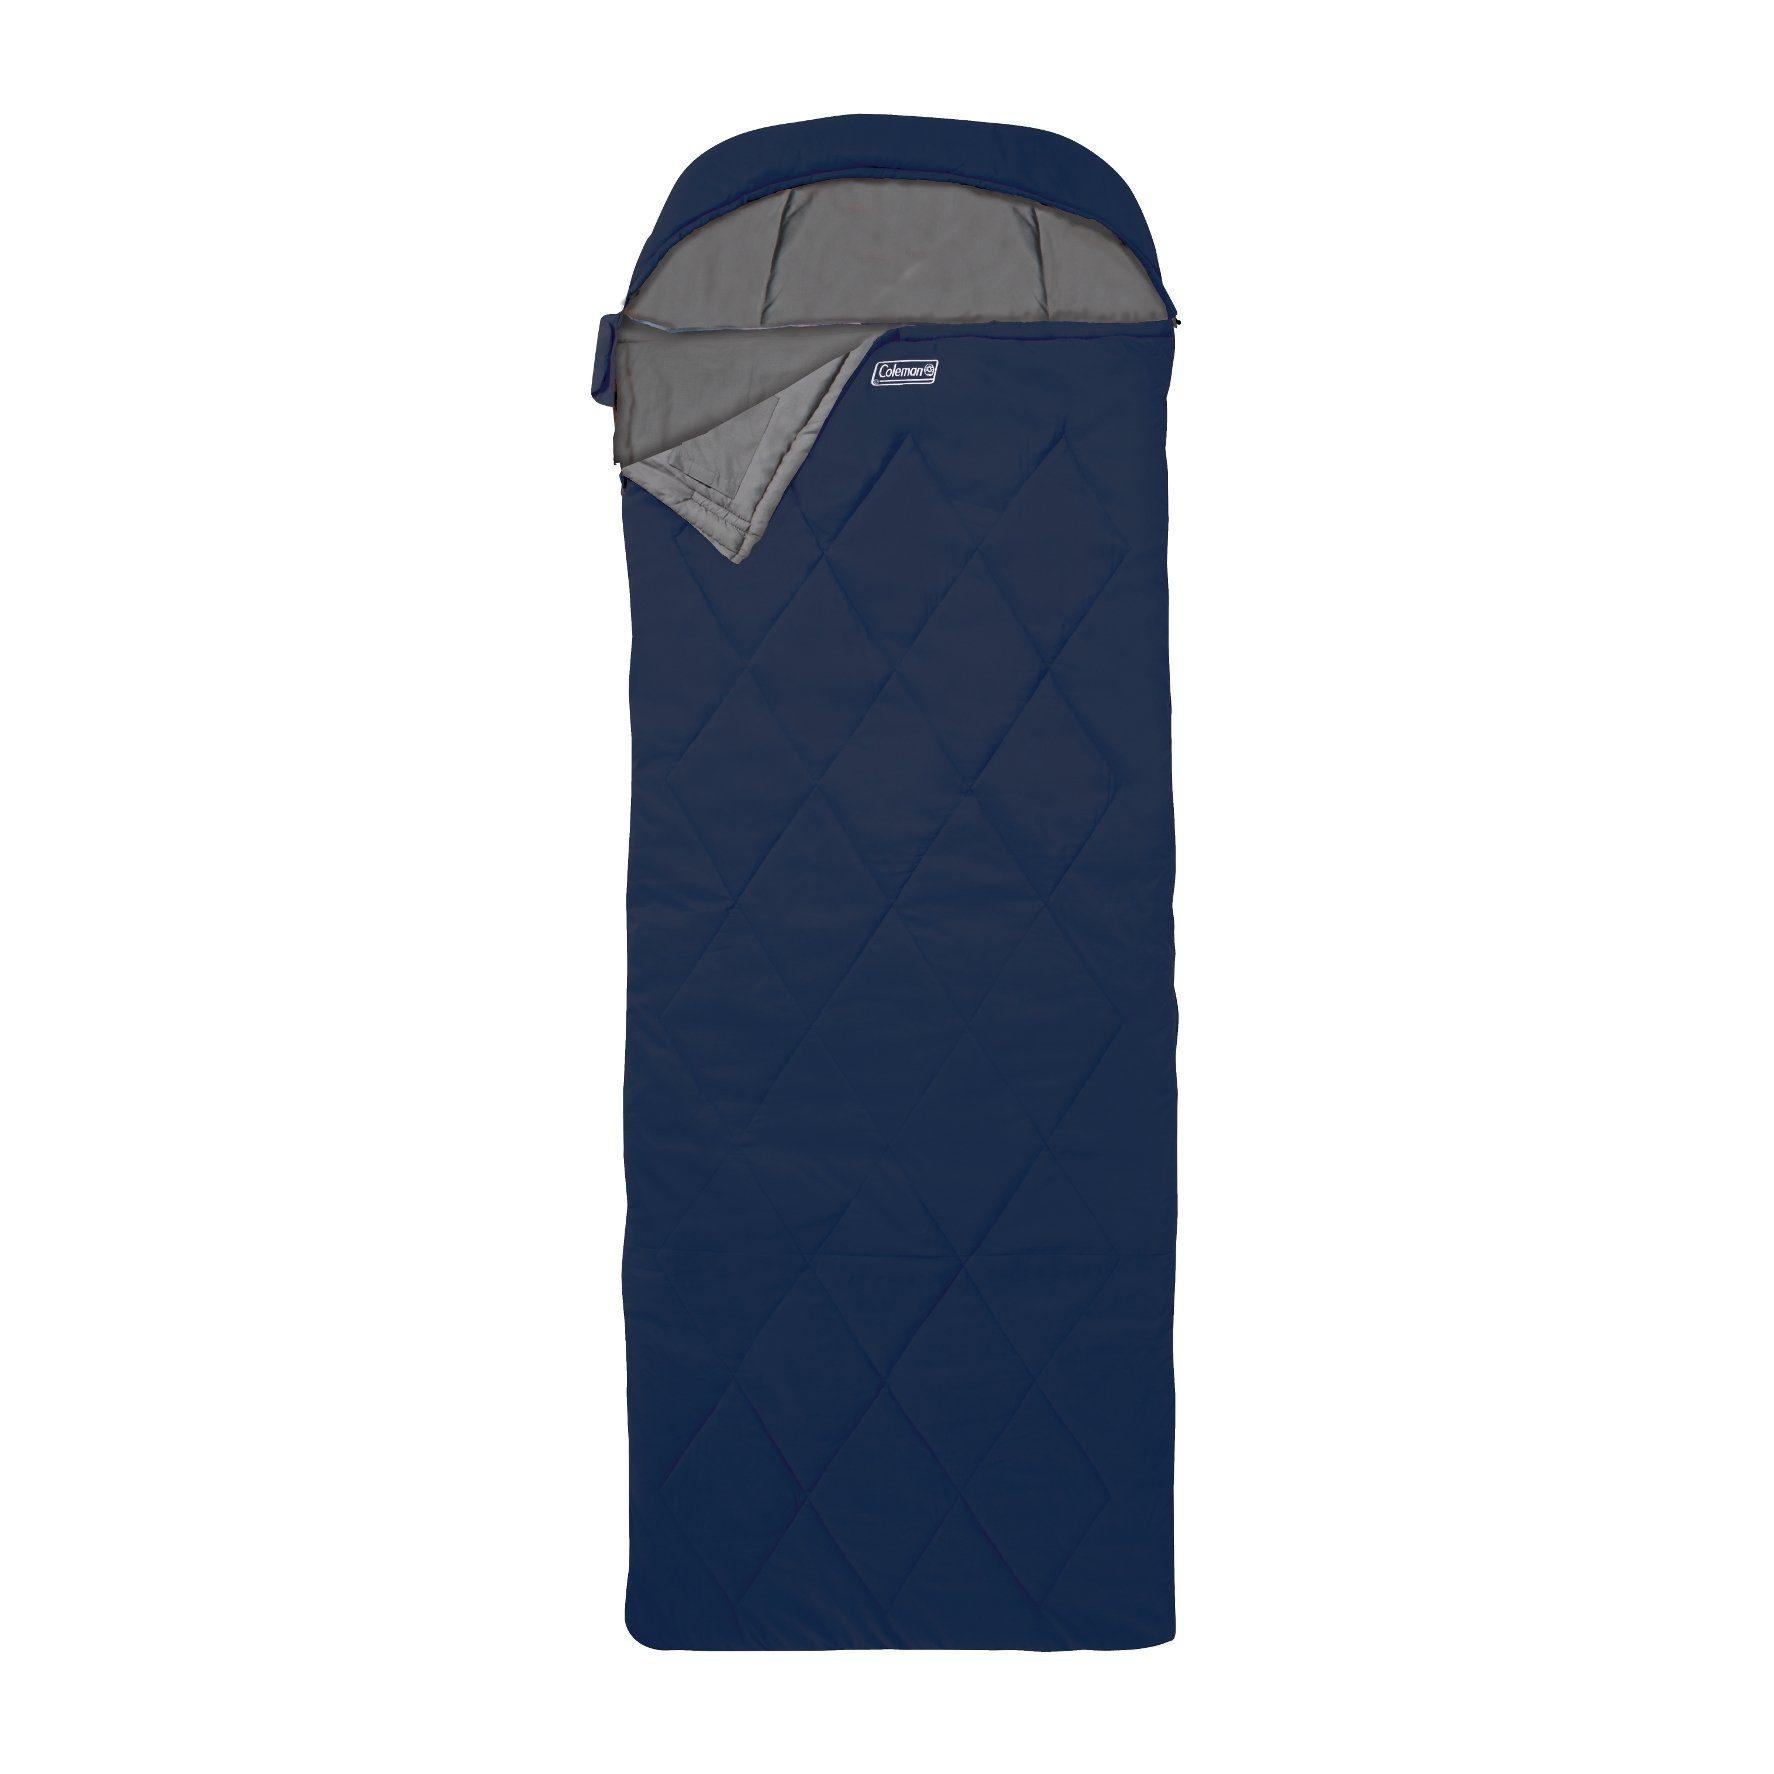 COLEMAN Schlafsack »Coleman Breckenridge Comfort Sleeping Bag«